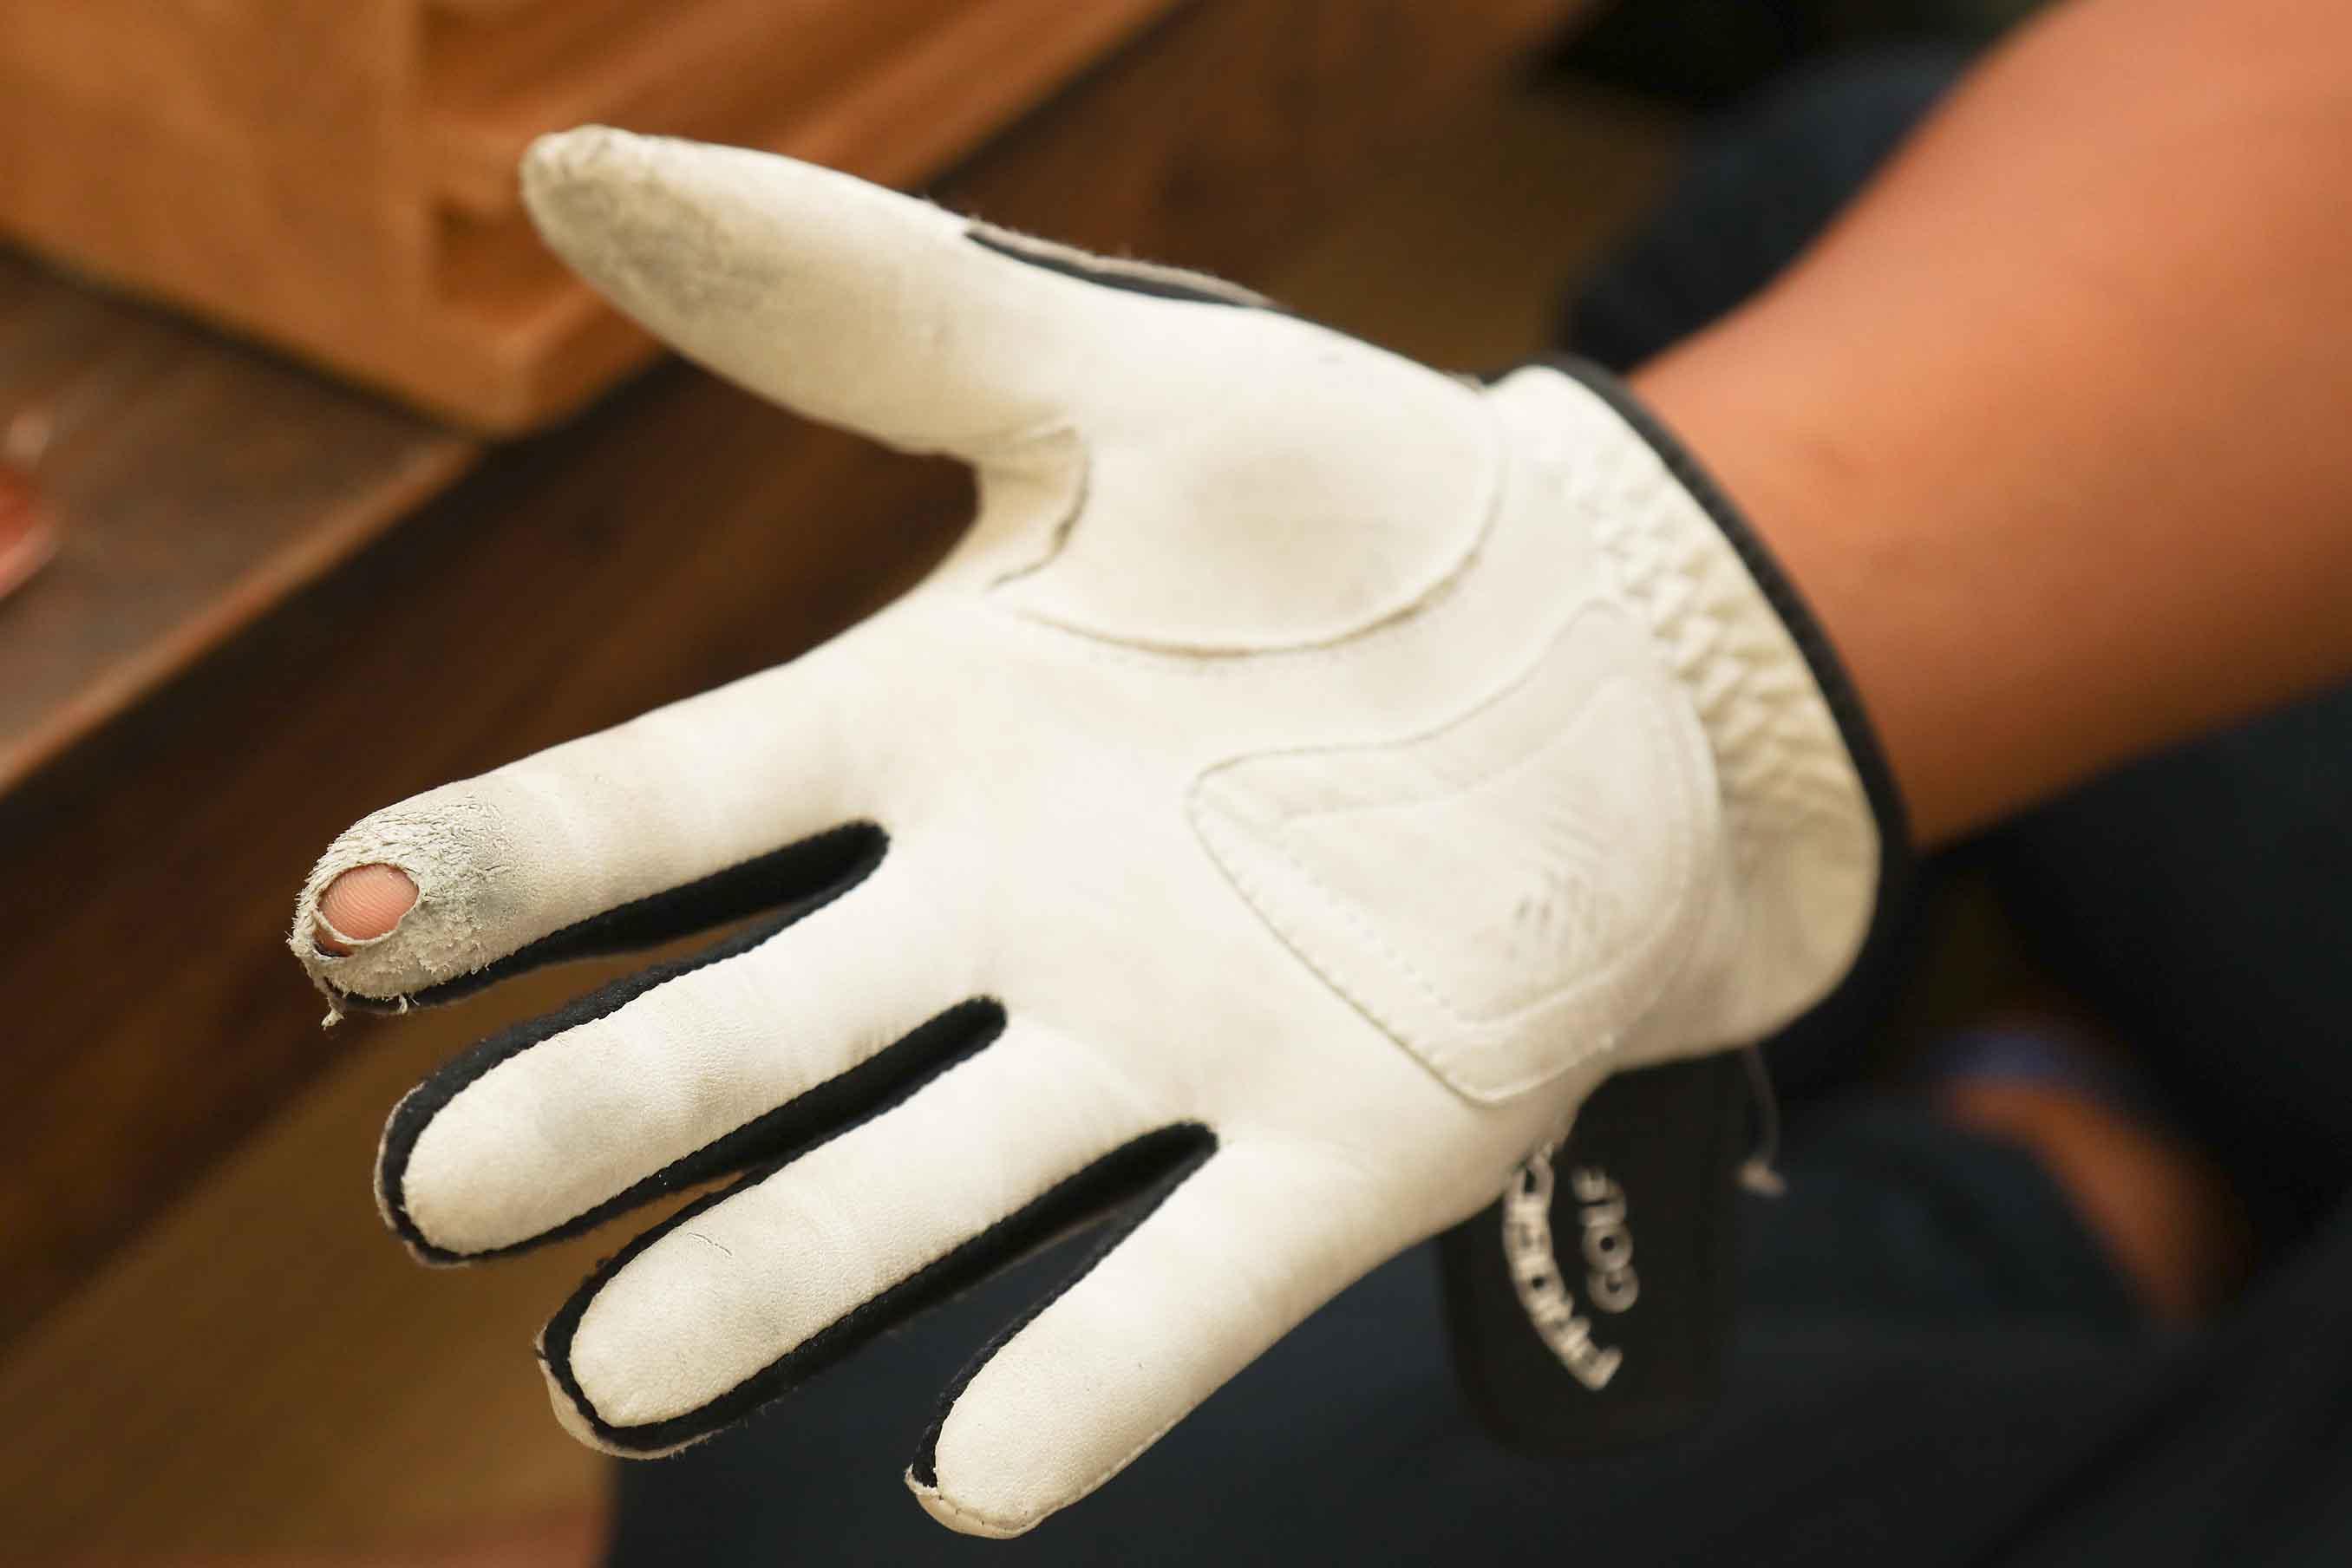 ゴルフ手袋で手を守りながら編んでいきます